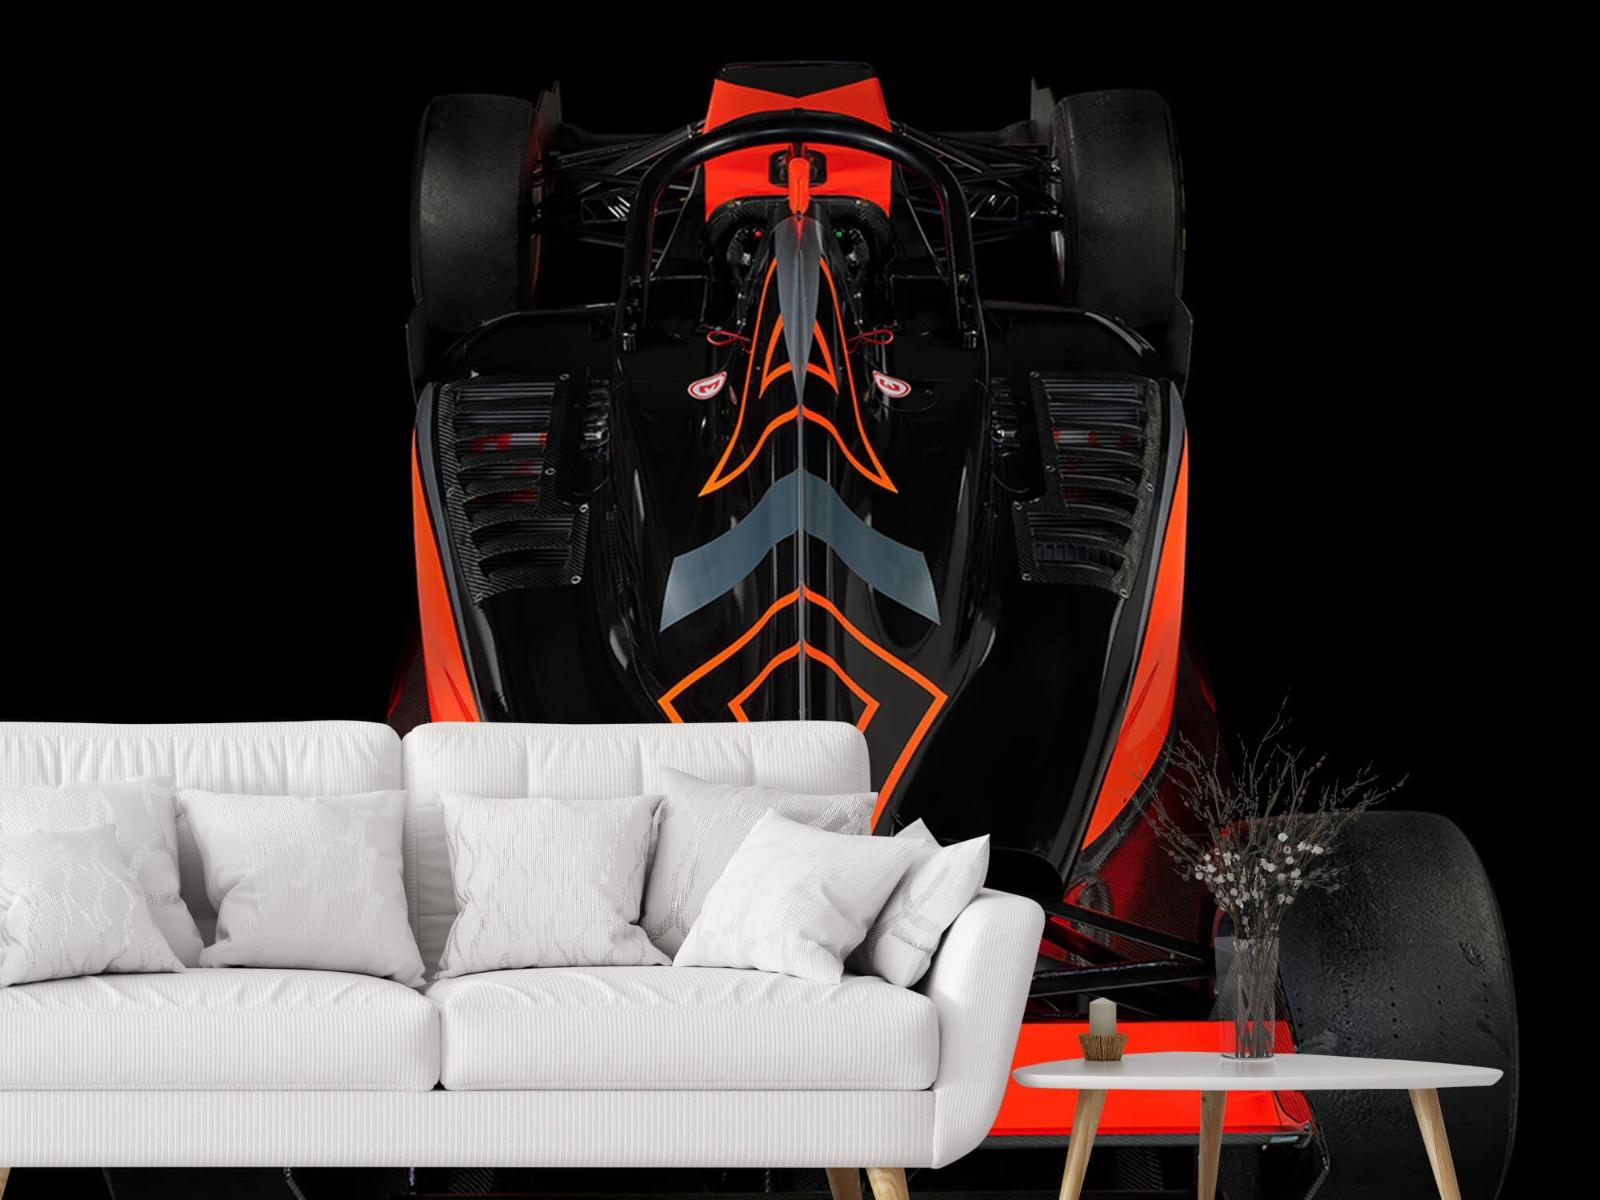 Sportauto's - Formule 3 - Rear view - dark - Tienerkamer 3